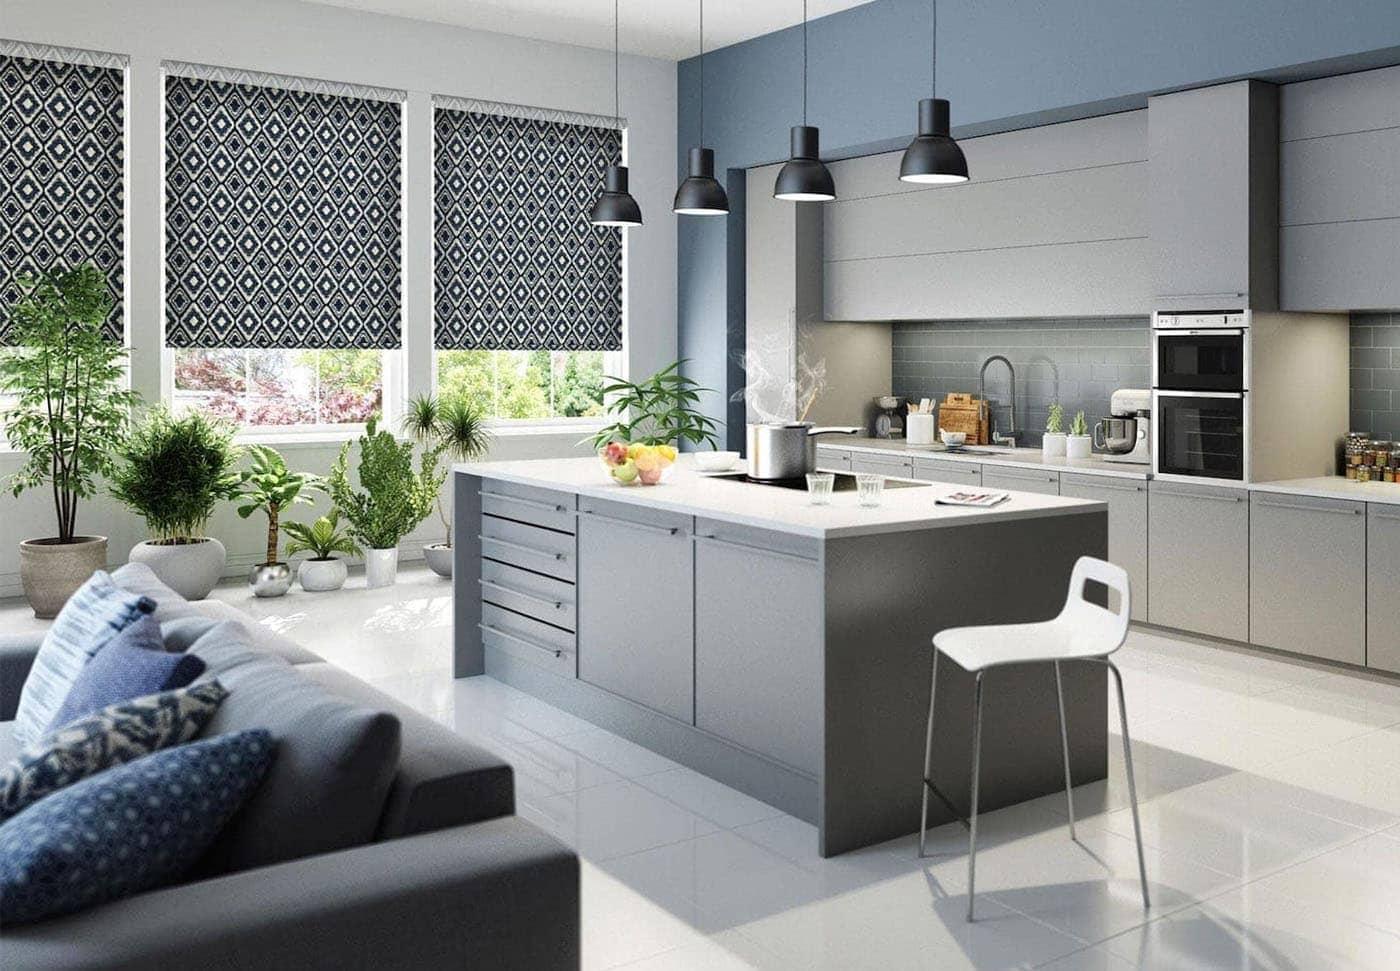 рулонные шторы на кухне хай тек